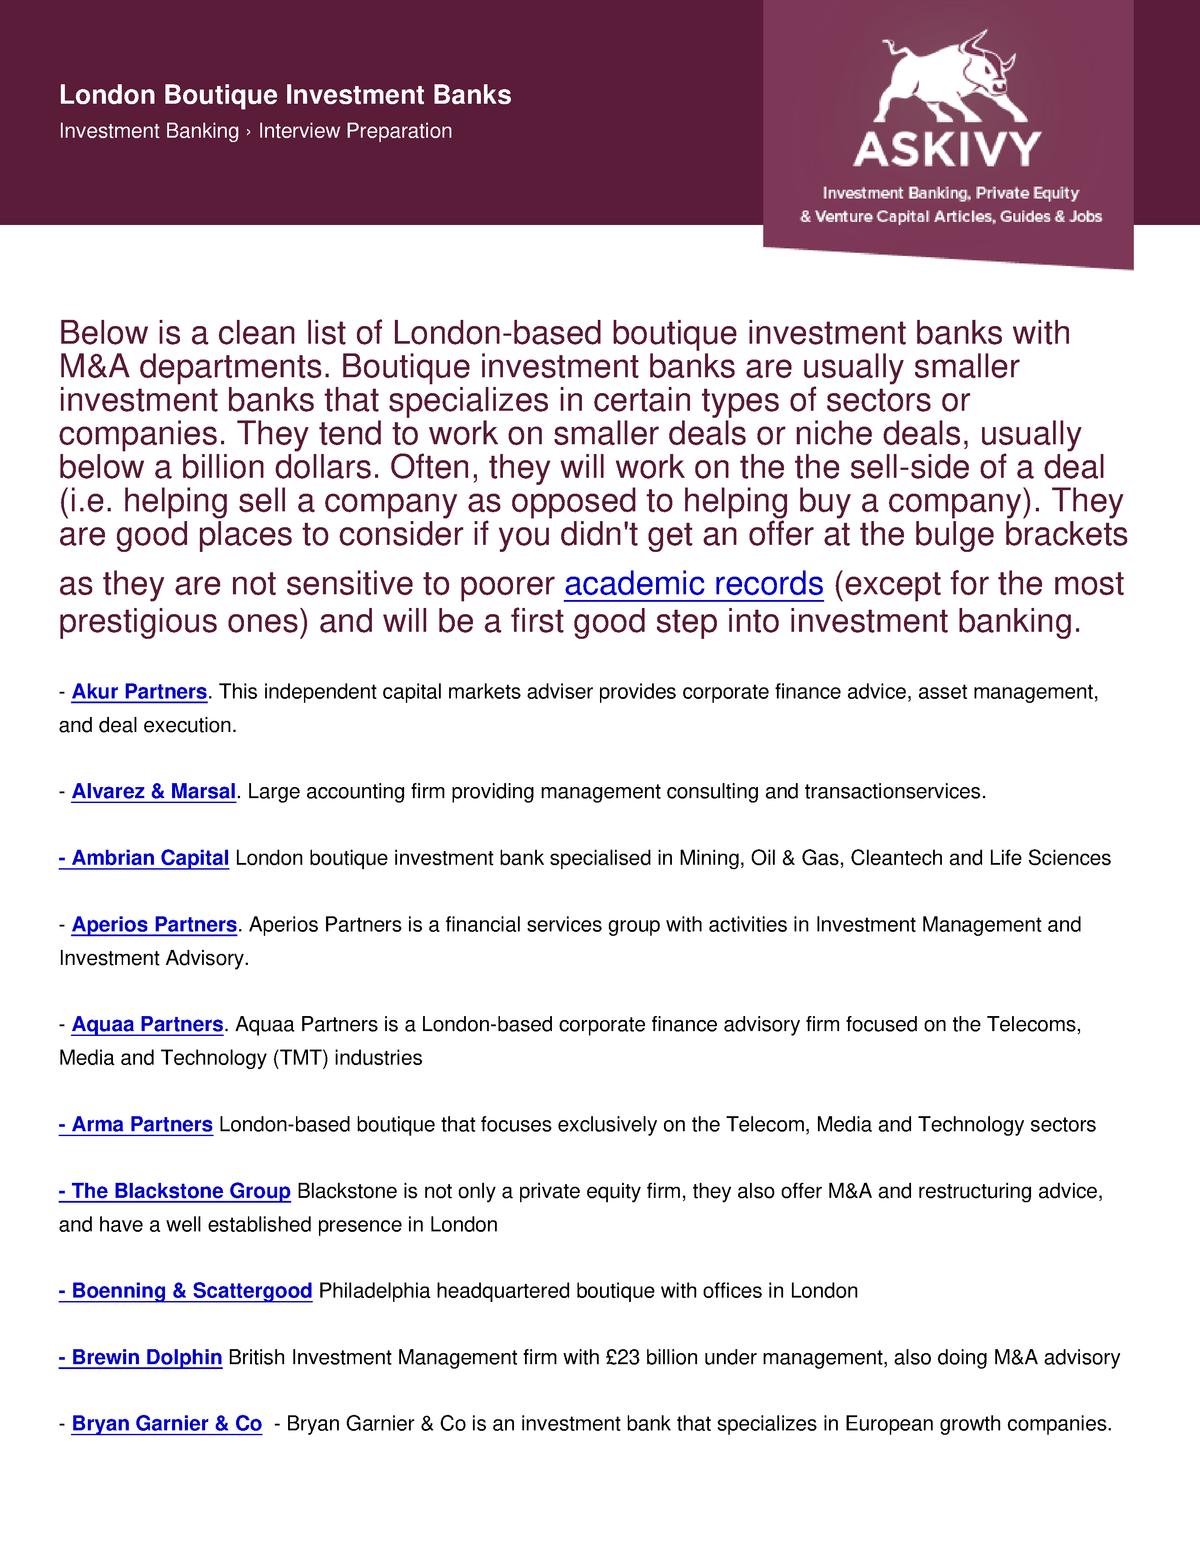 Askivy-article-london-boutique-investment-banks - StuDocu